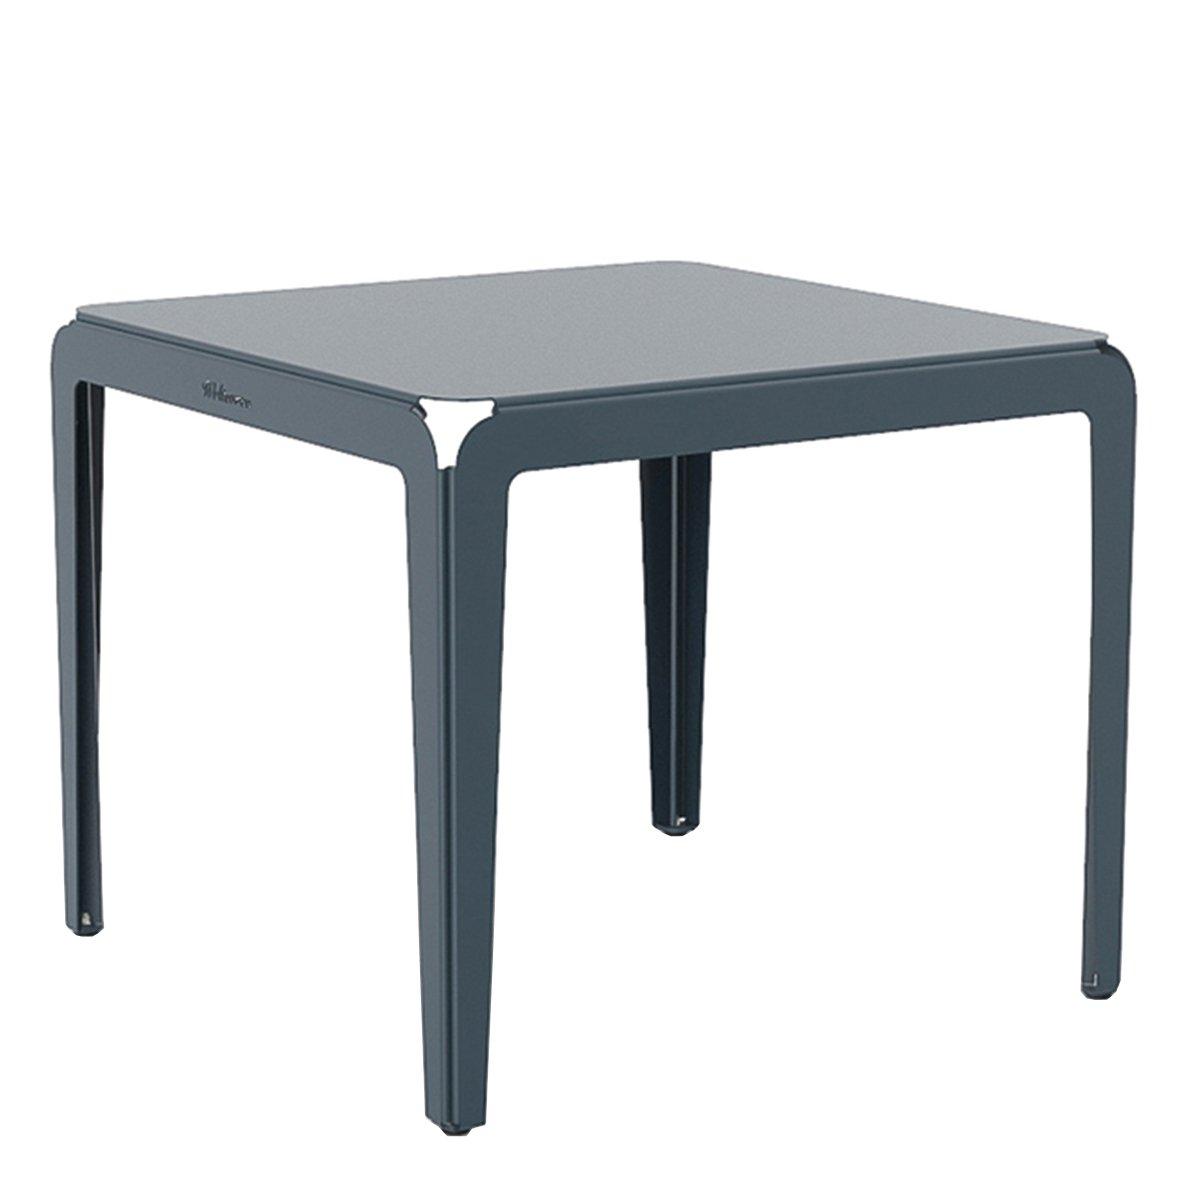 Weltevree Bended Tafel - Grey Blue 90x90x75